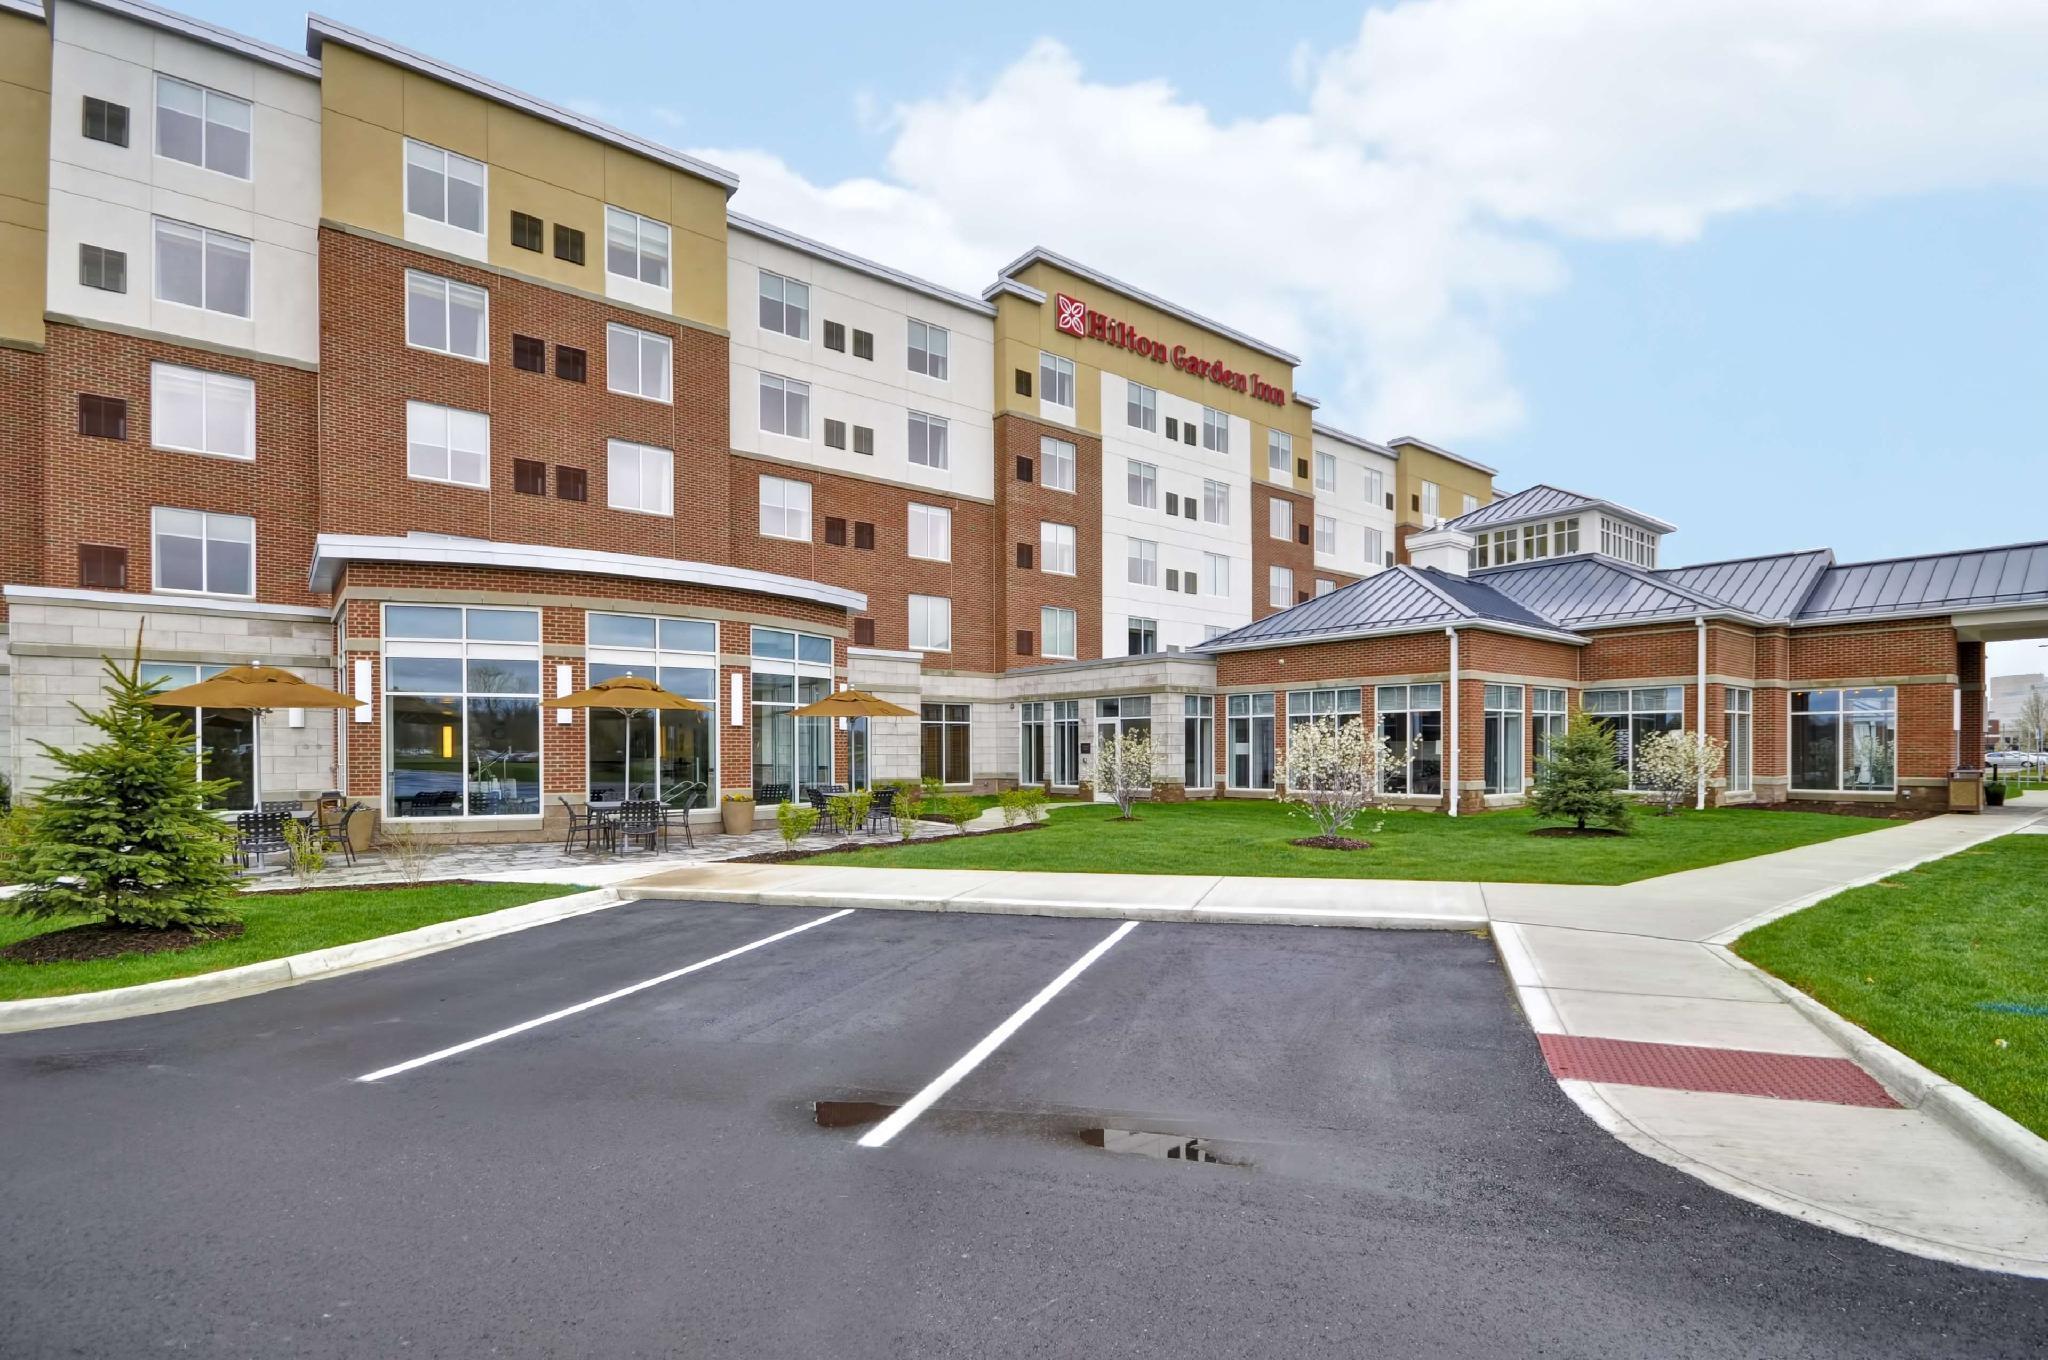 Hilton Garden Inn Detroit Troy